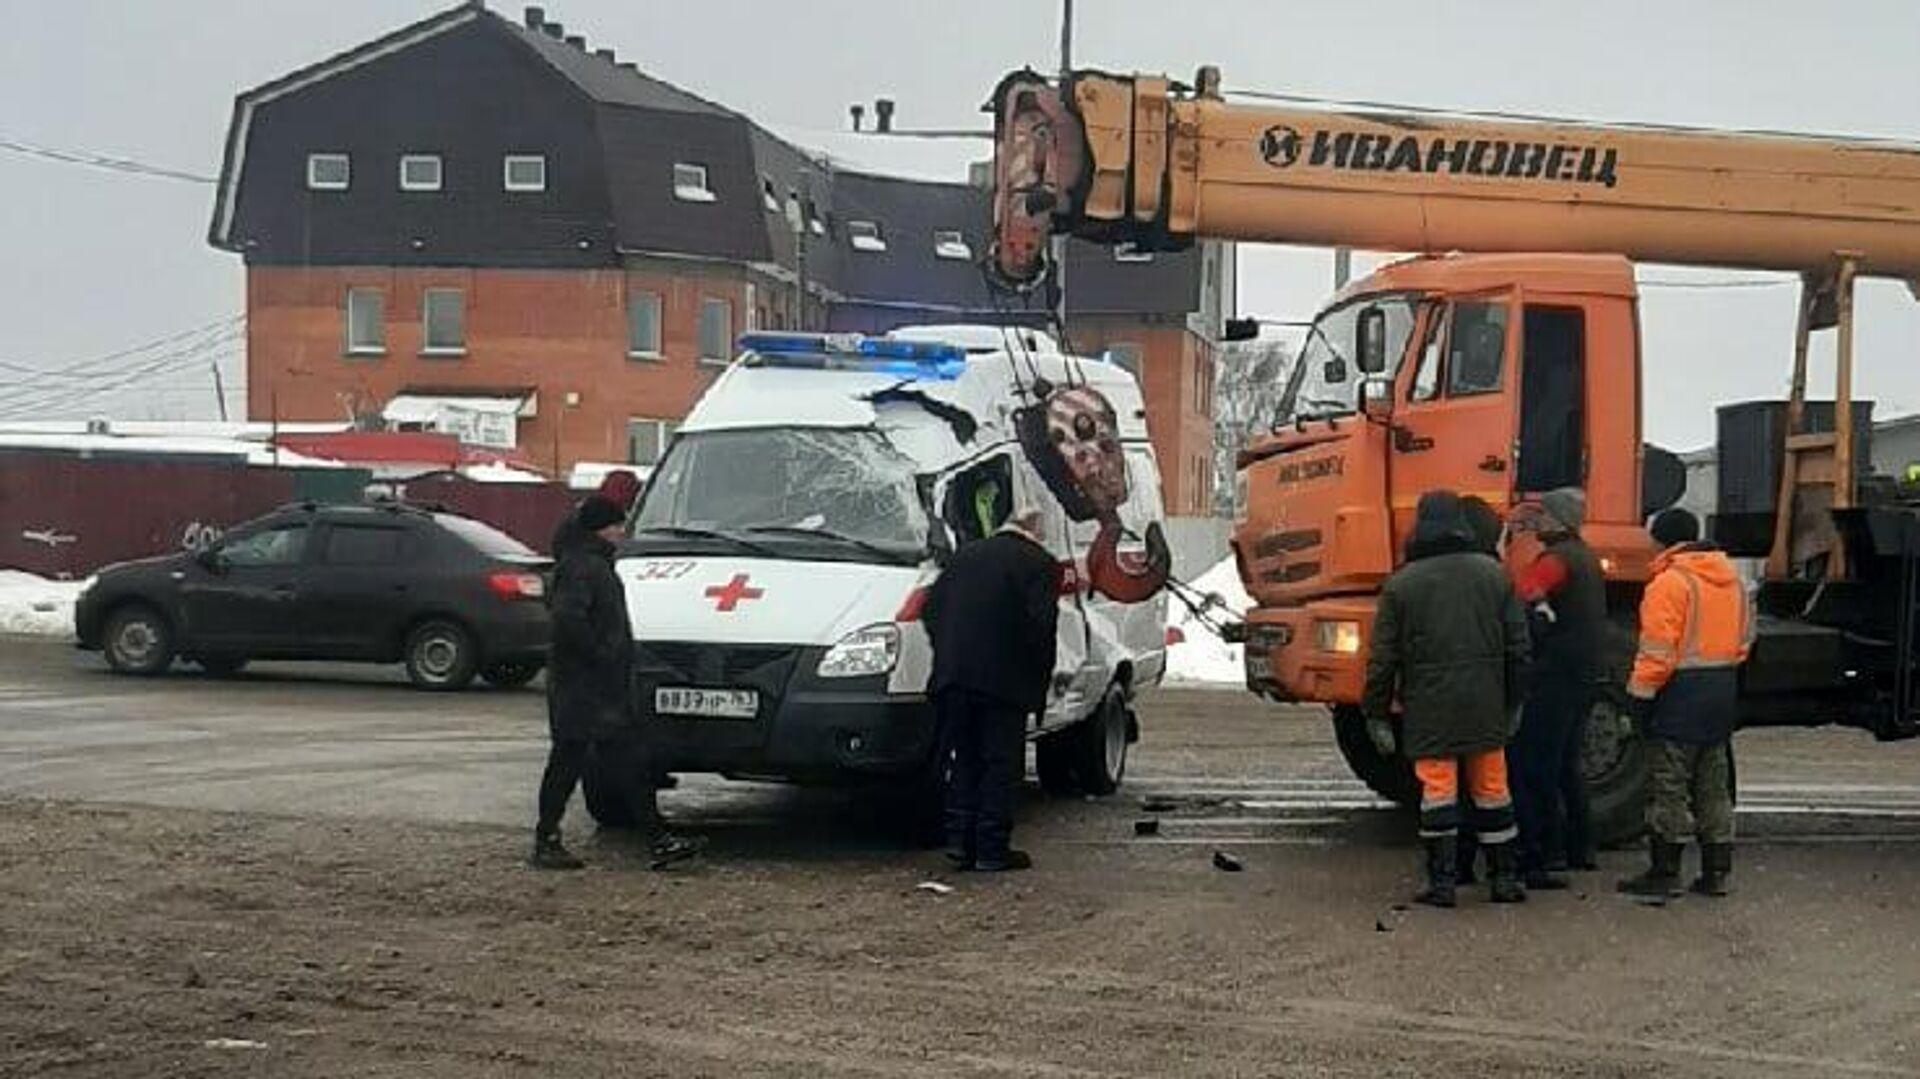 ДТП с участием автомобиля скорой помощи в Самаре - РИА Новости, 1920, 26.01.2021